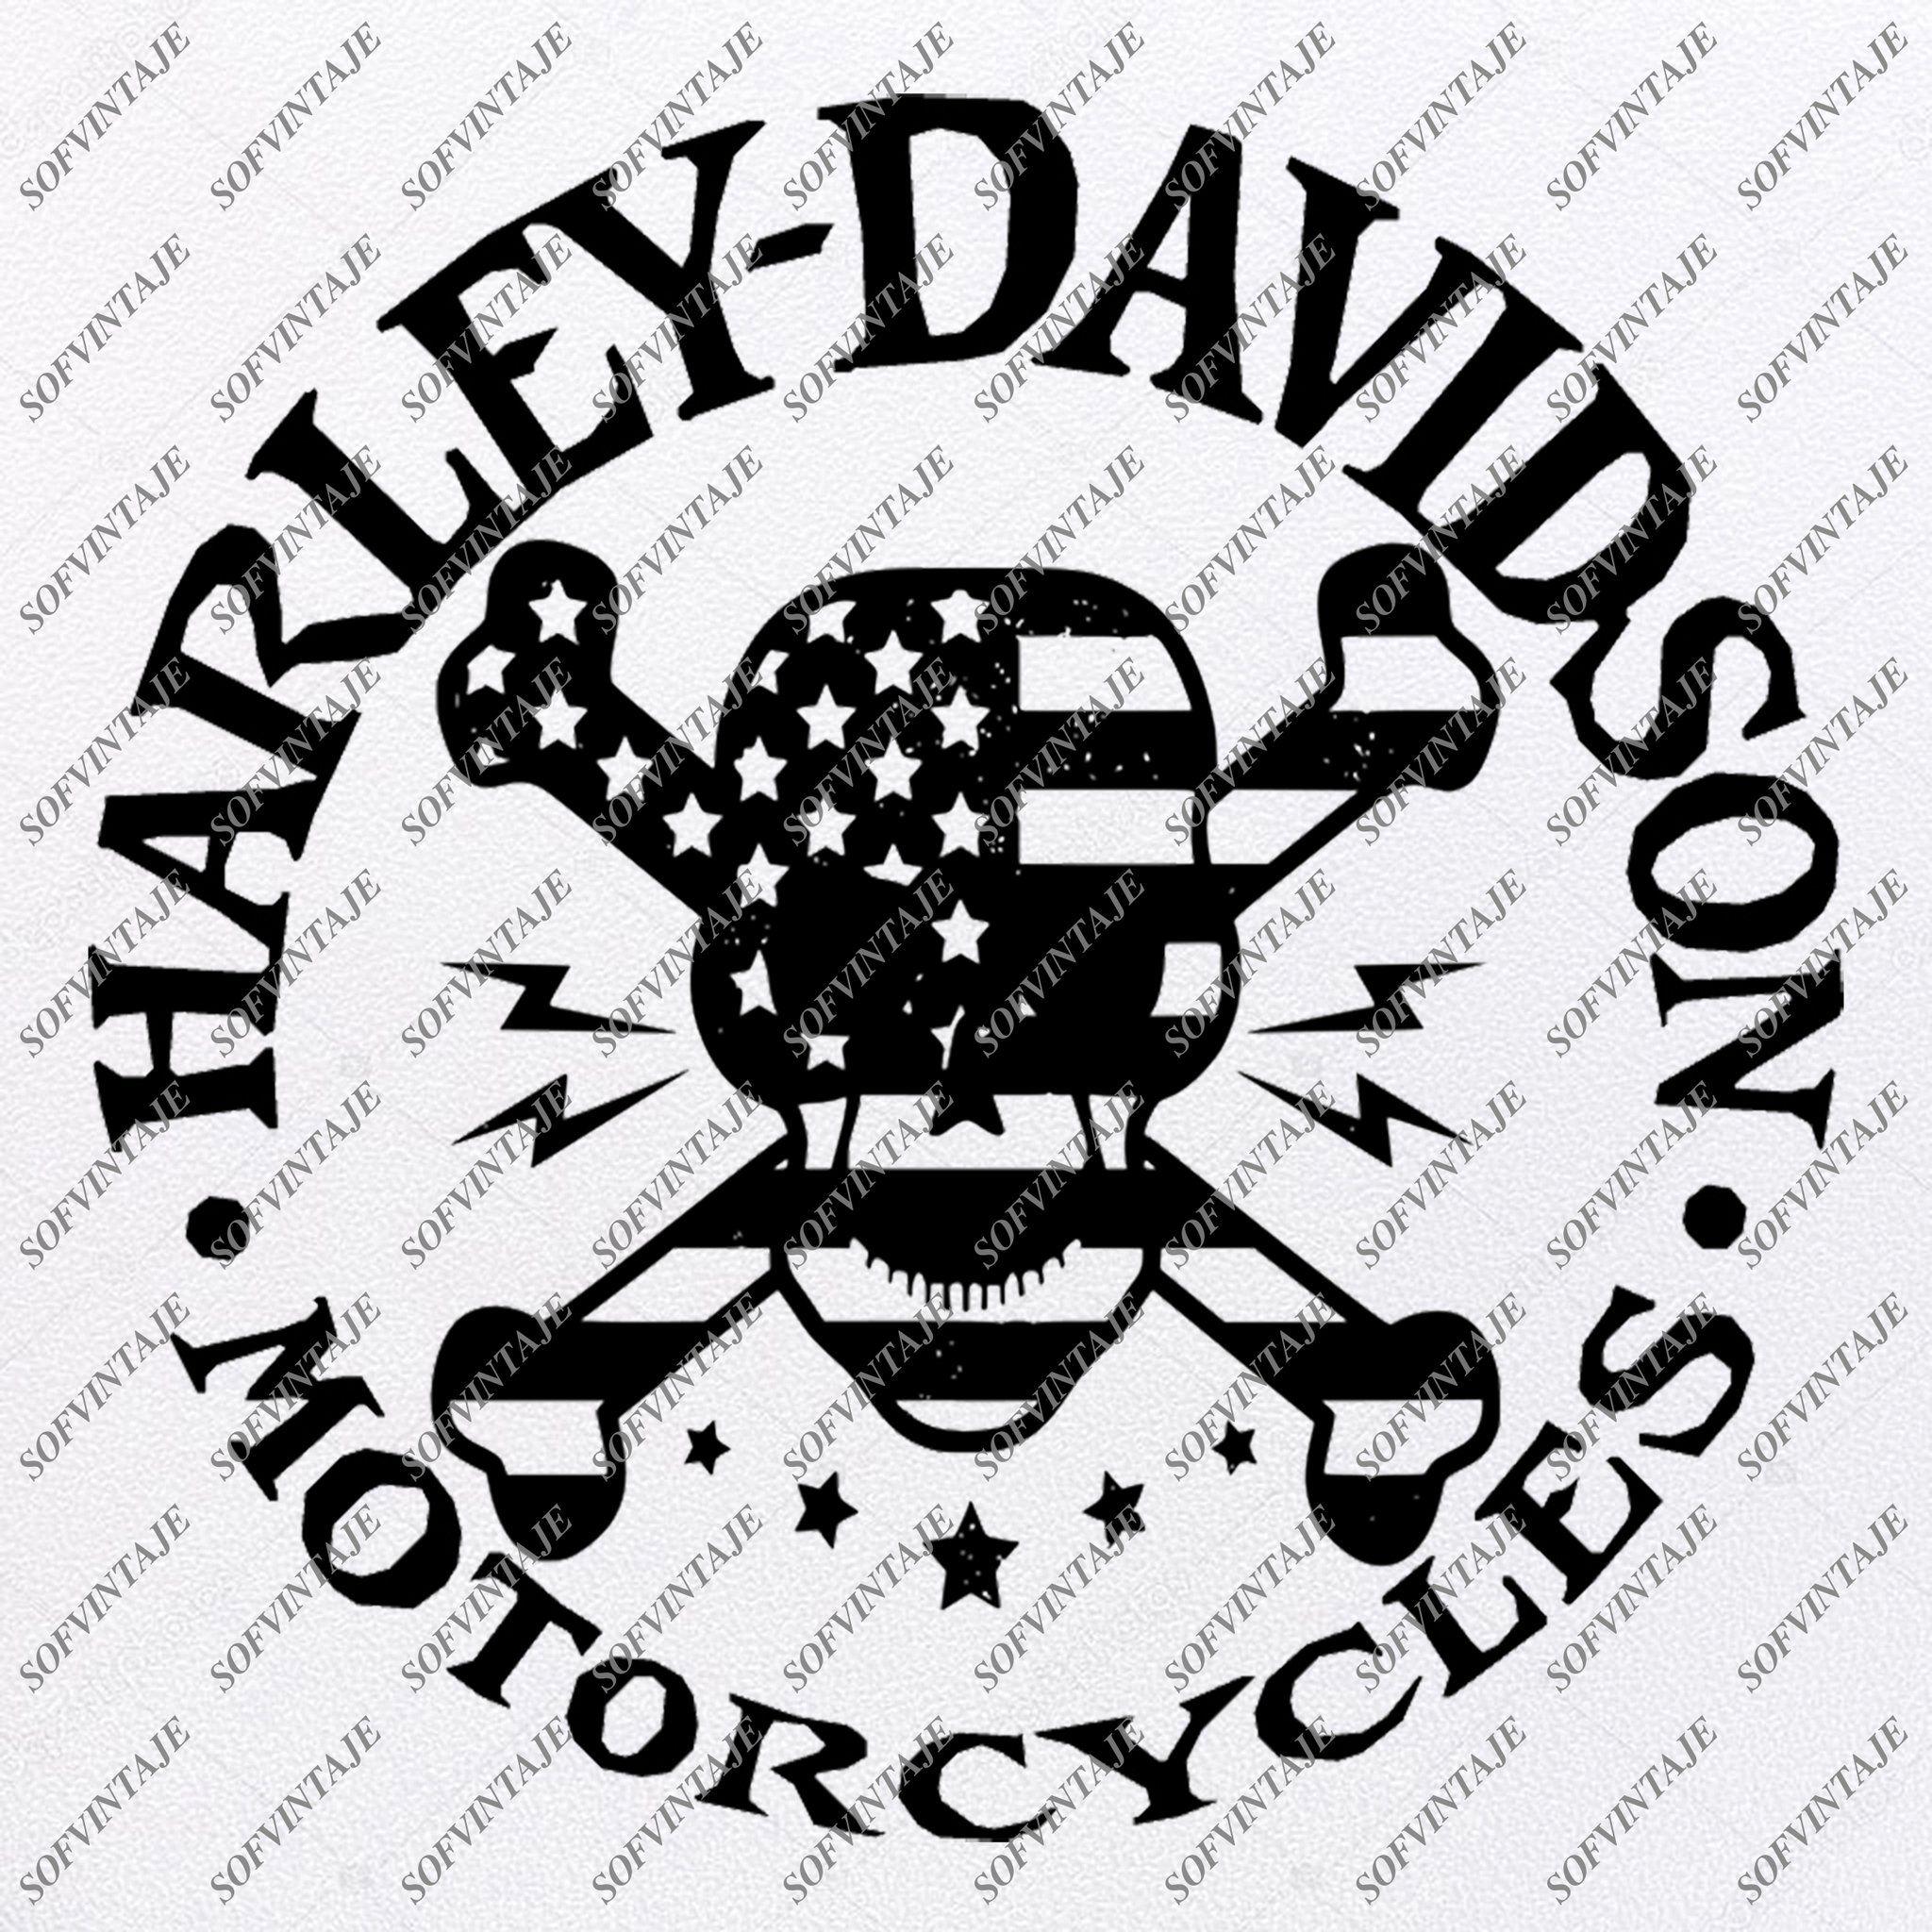 Harley Davidson Svg File Skull Harley Davidson Svg Design Clipart Tat Sofvintaje In 2020 Silhouette Svg Svg Design Motorcycle Harley